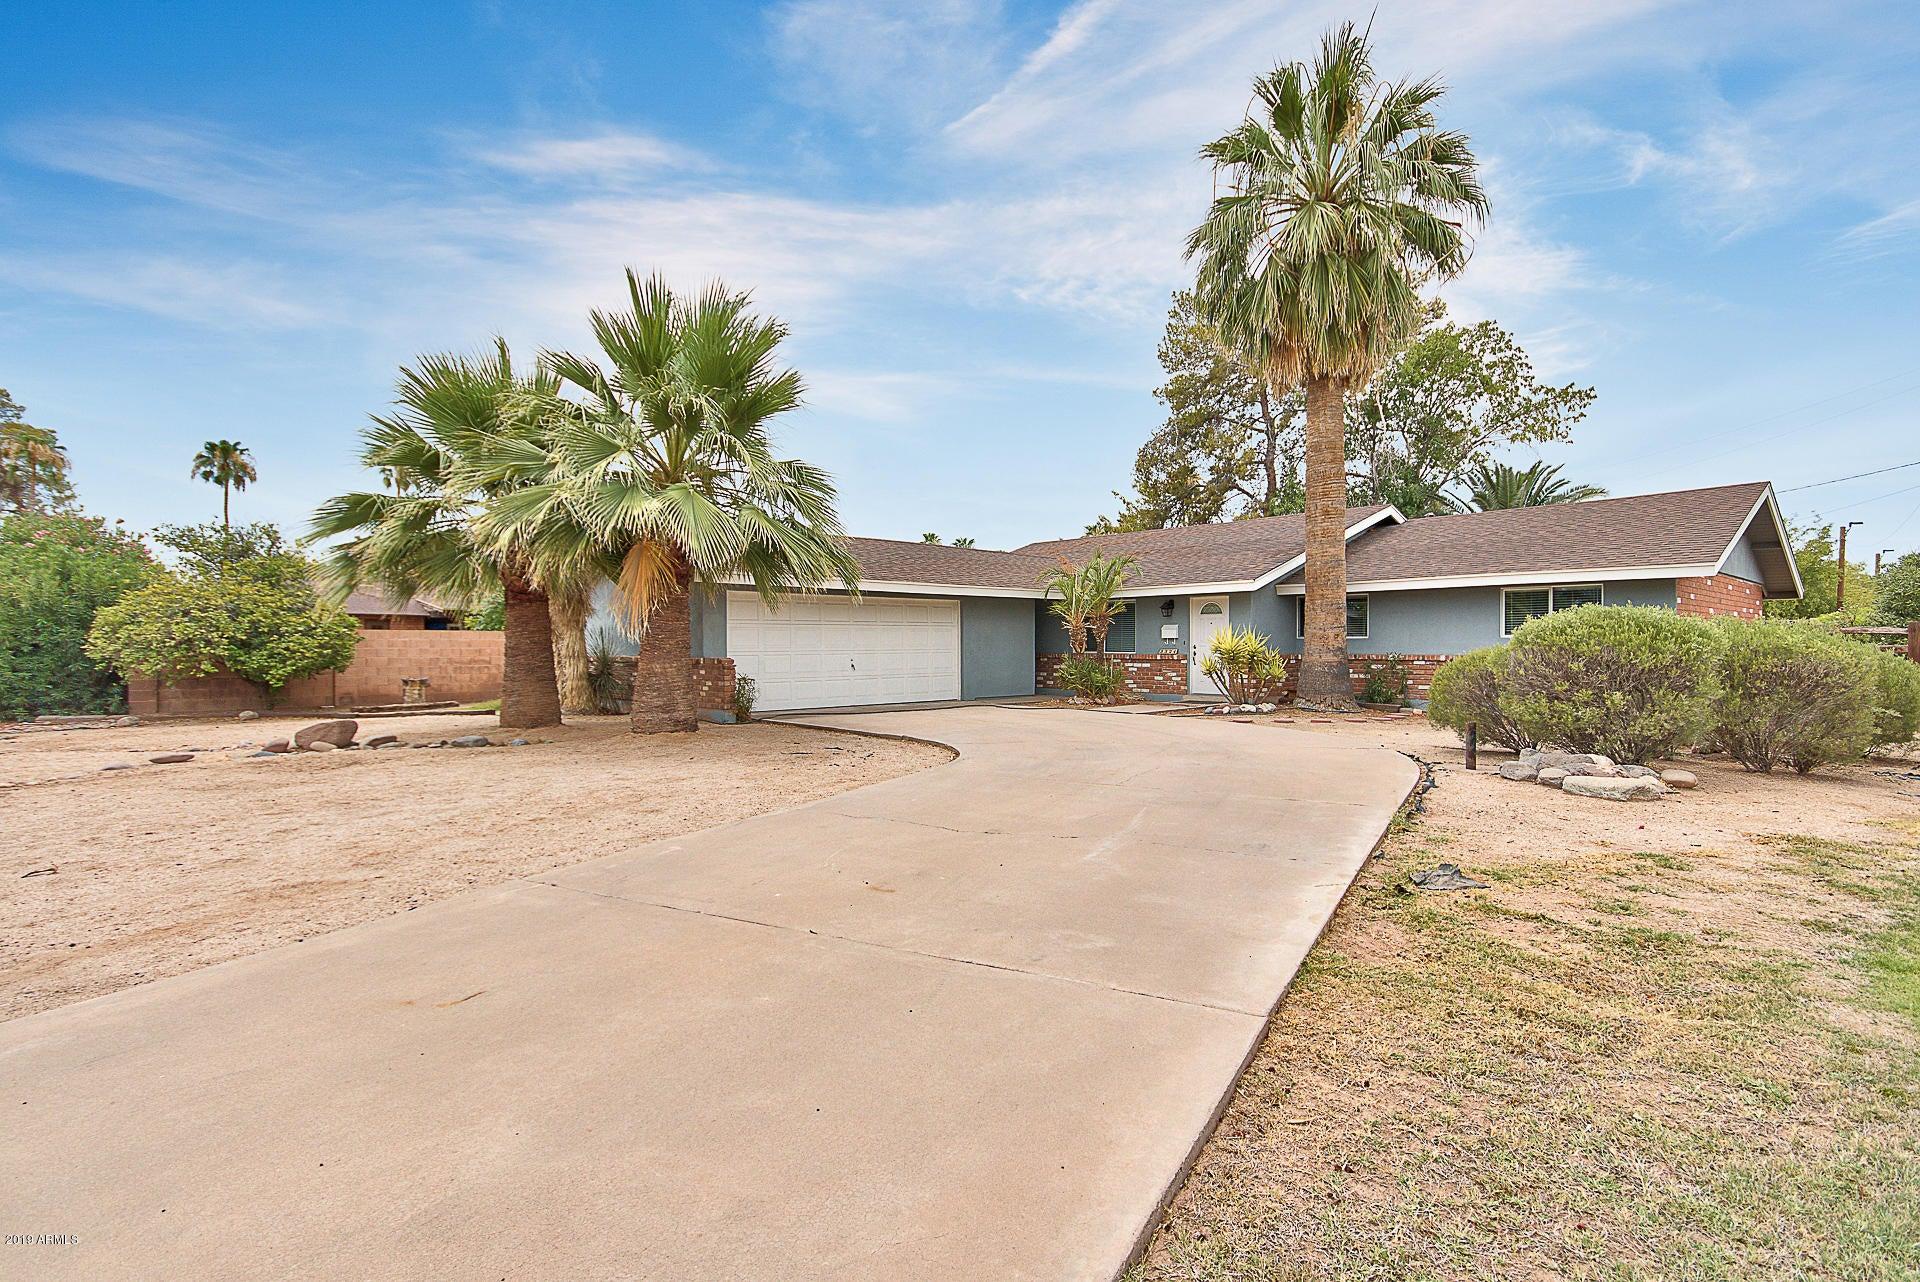 3324 S DORSEY Lane, Tempe, AZ 85282